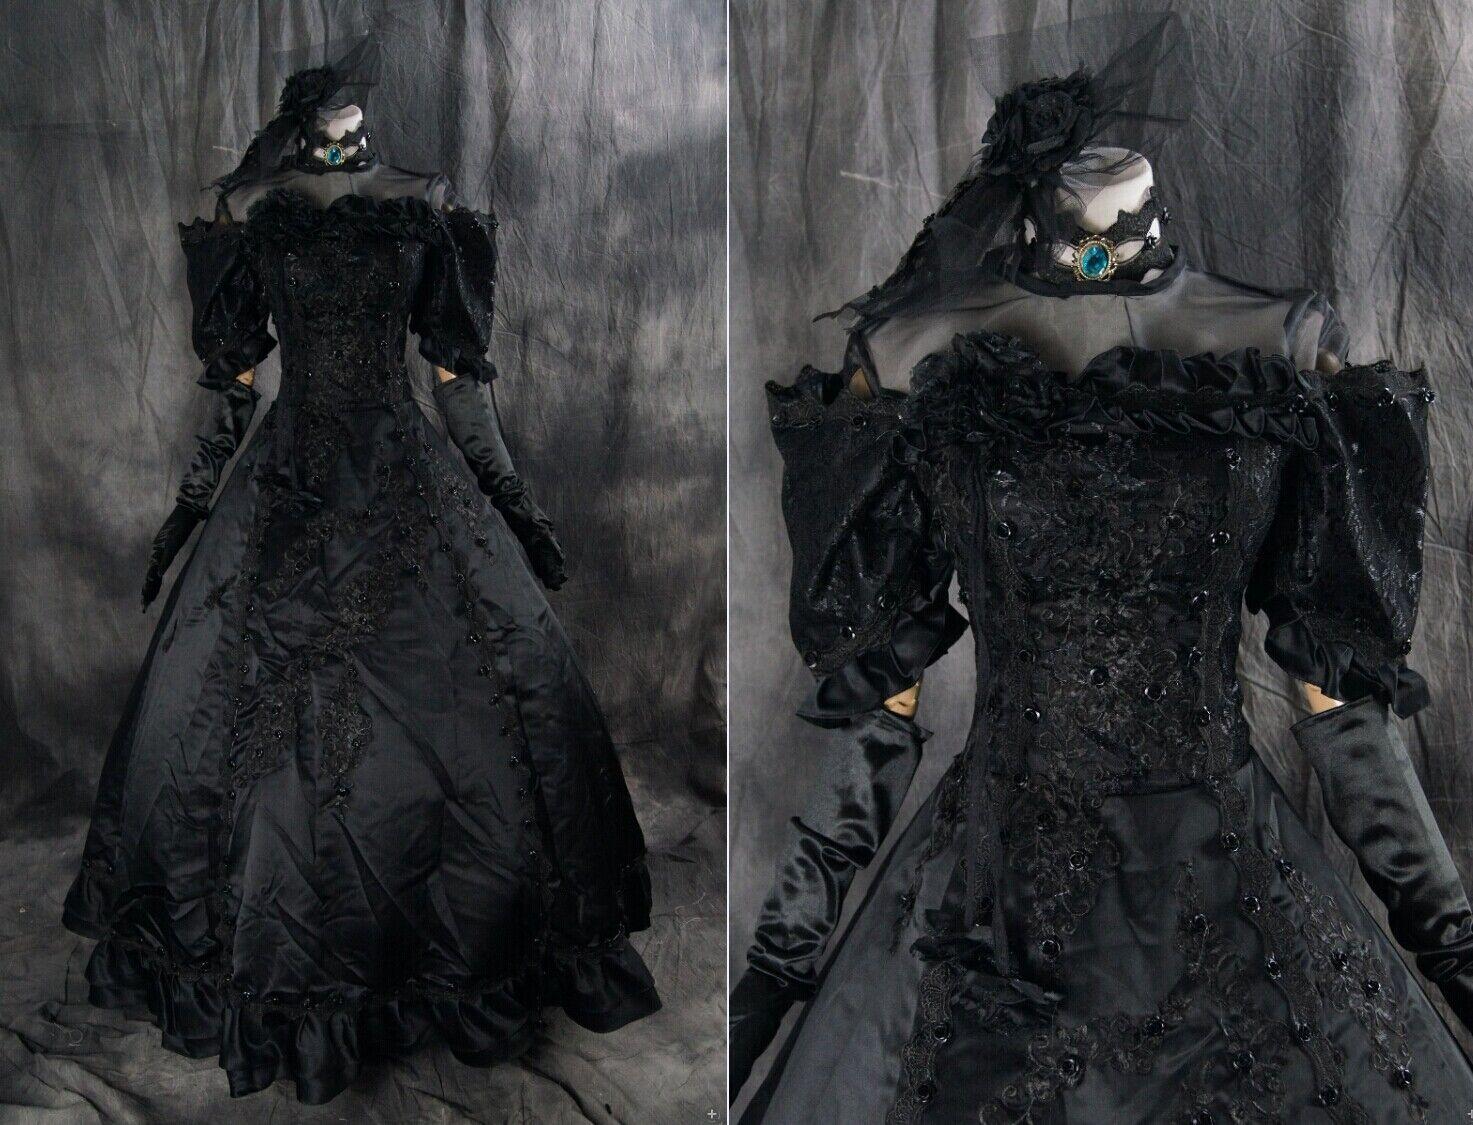 Vous ne pouvez pas acheter un un un téléphone portable ** et vous n'avez pas de rabais. A-277 s/M/L/xl/xxl Miku cosplay costume gothique victorian noir dress robe 52bb48